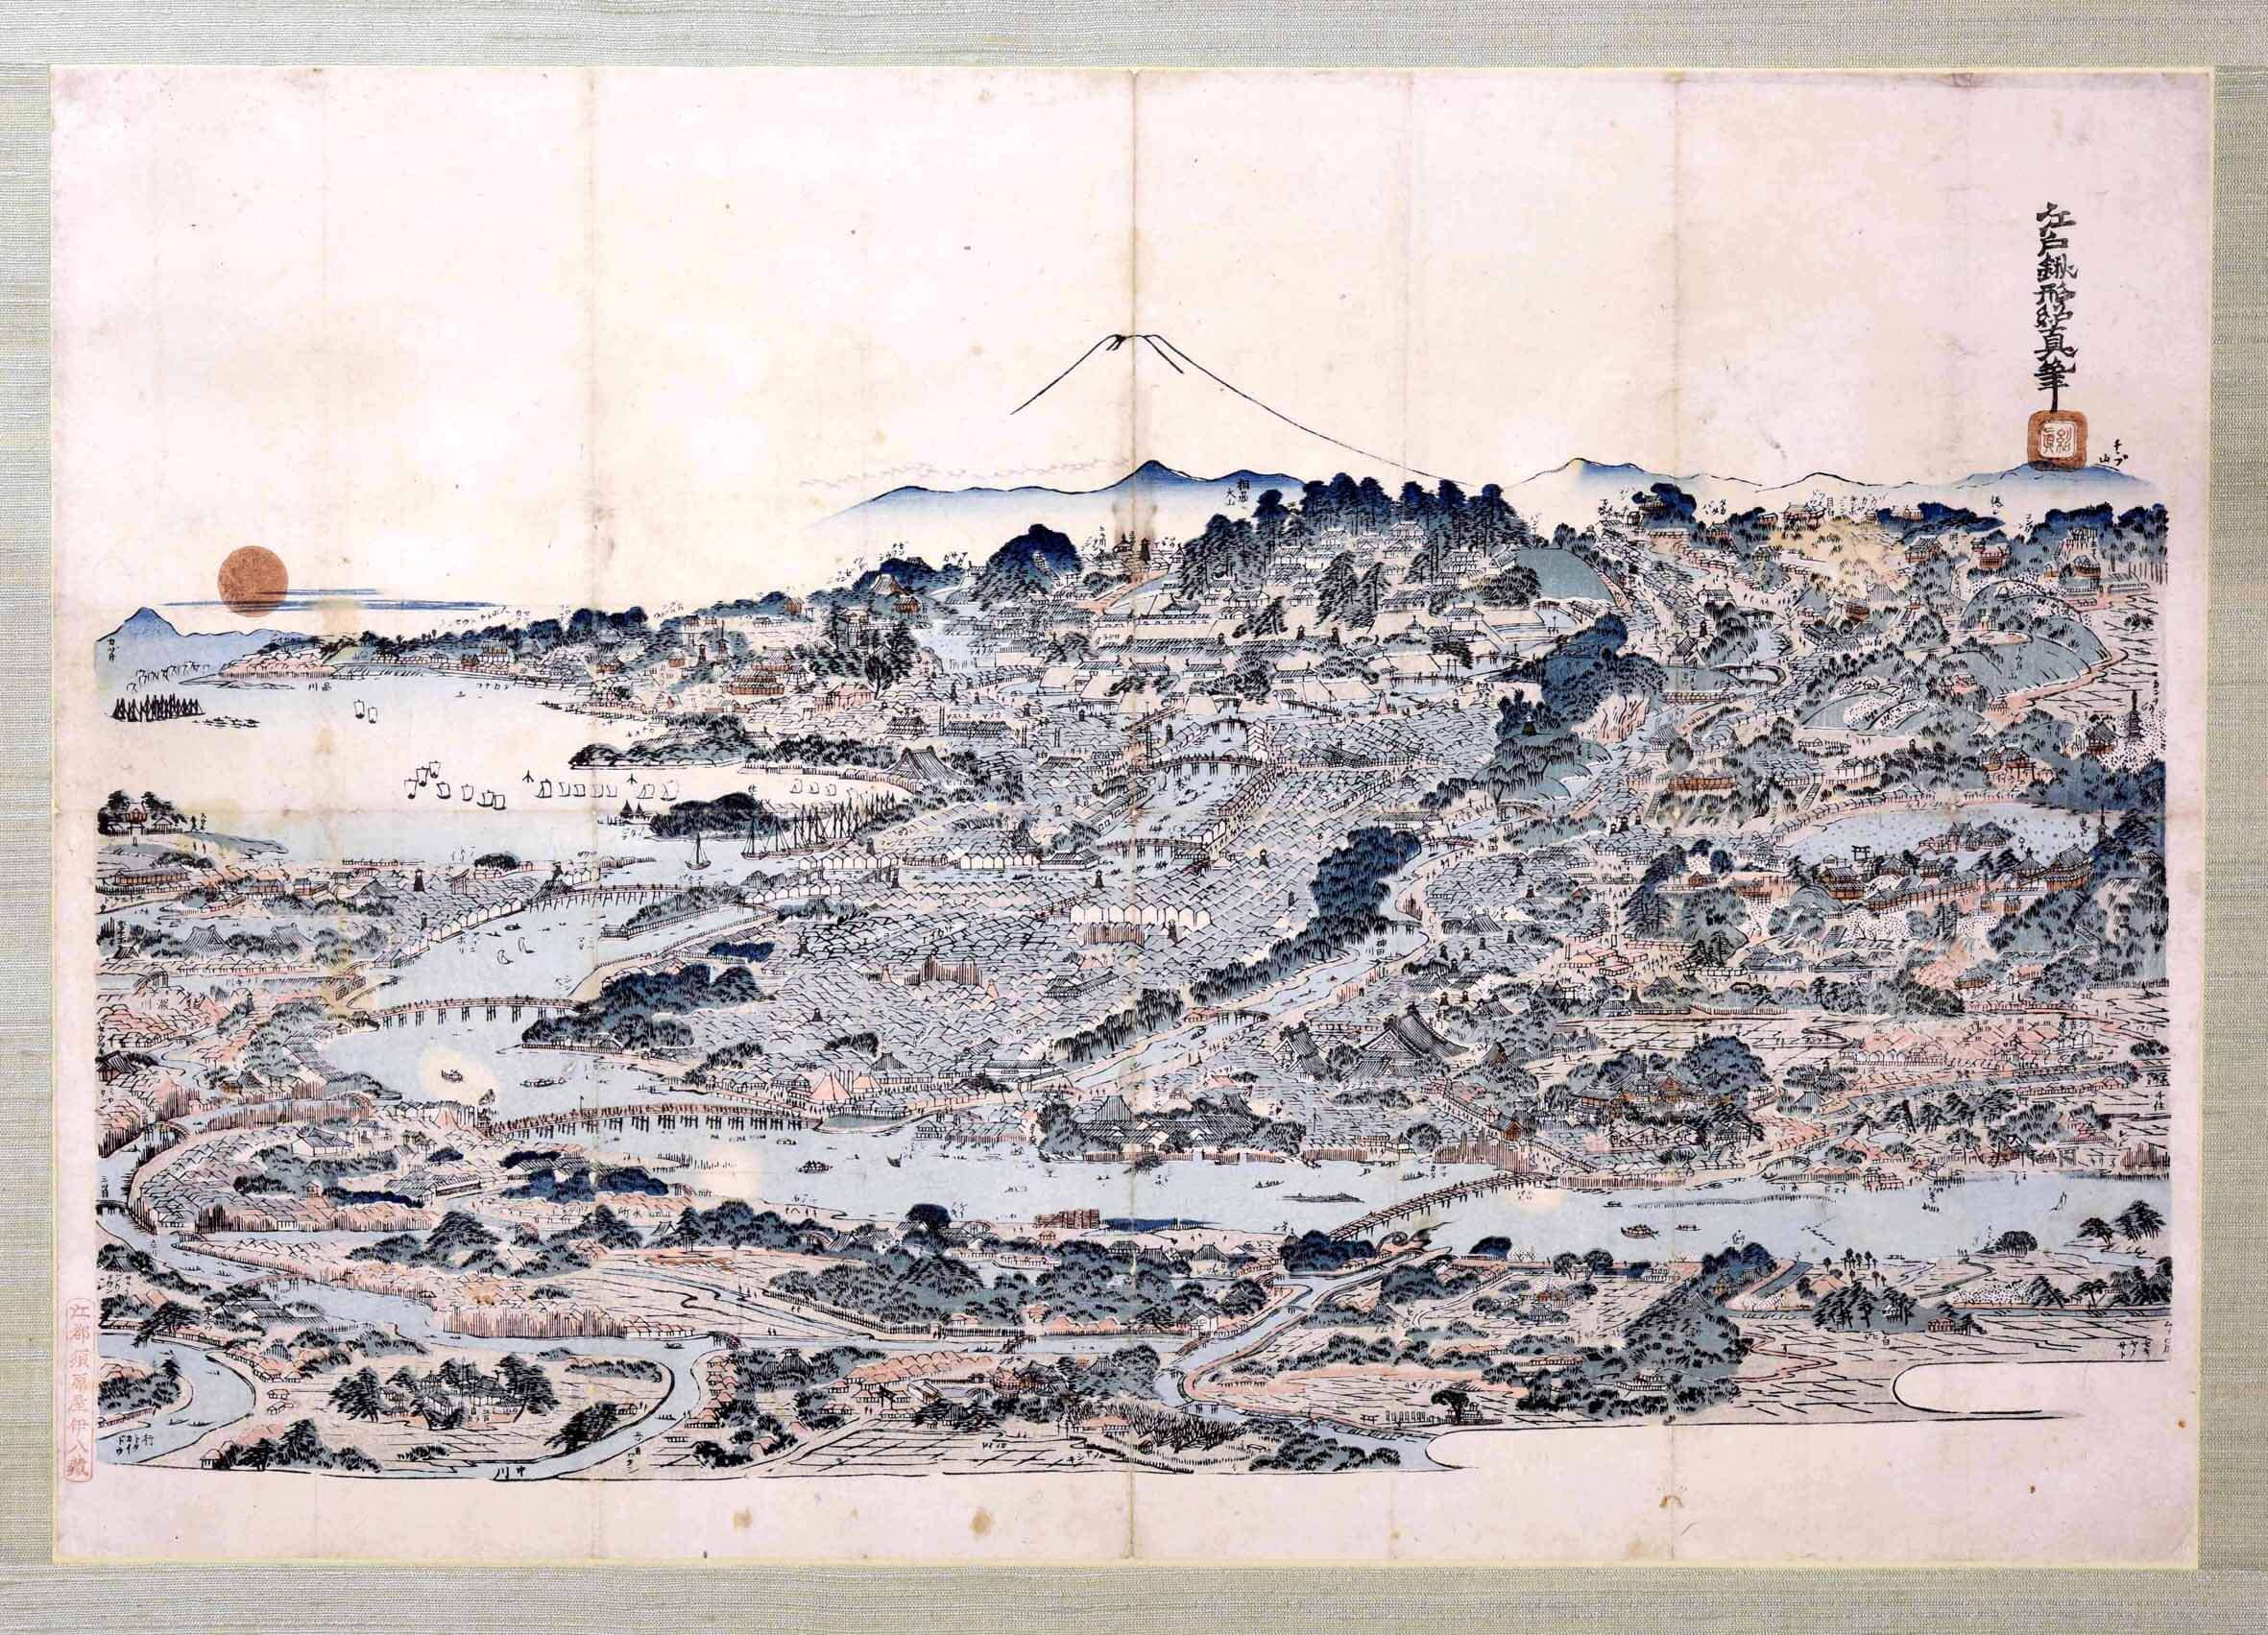 【開催報告】2019年4月10日「神田明神:江戸東京文化講座(第2回)」